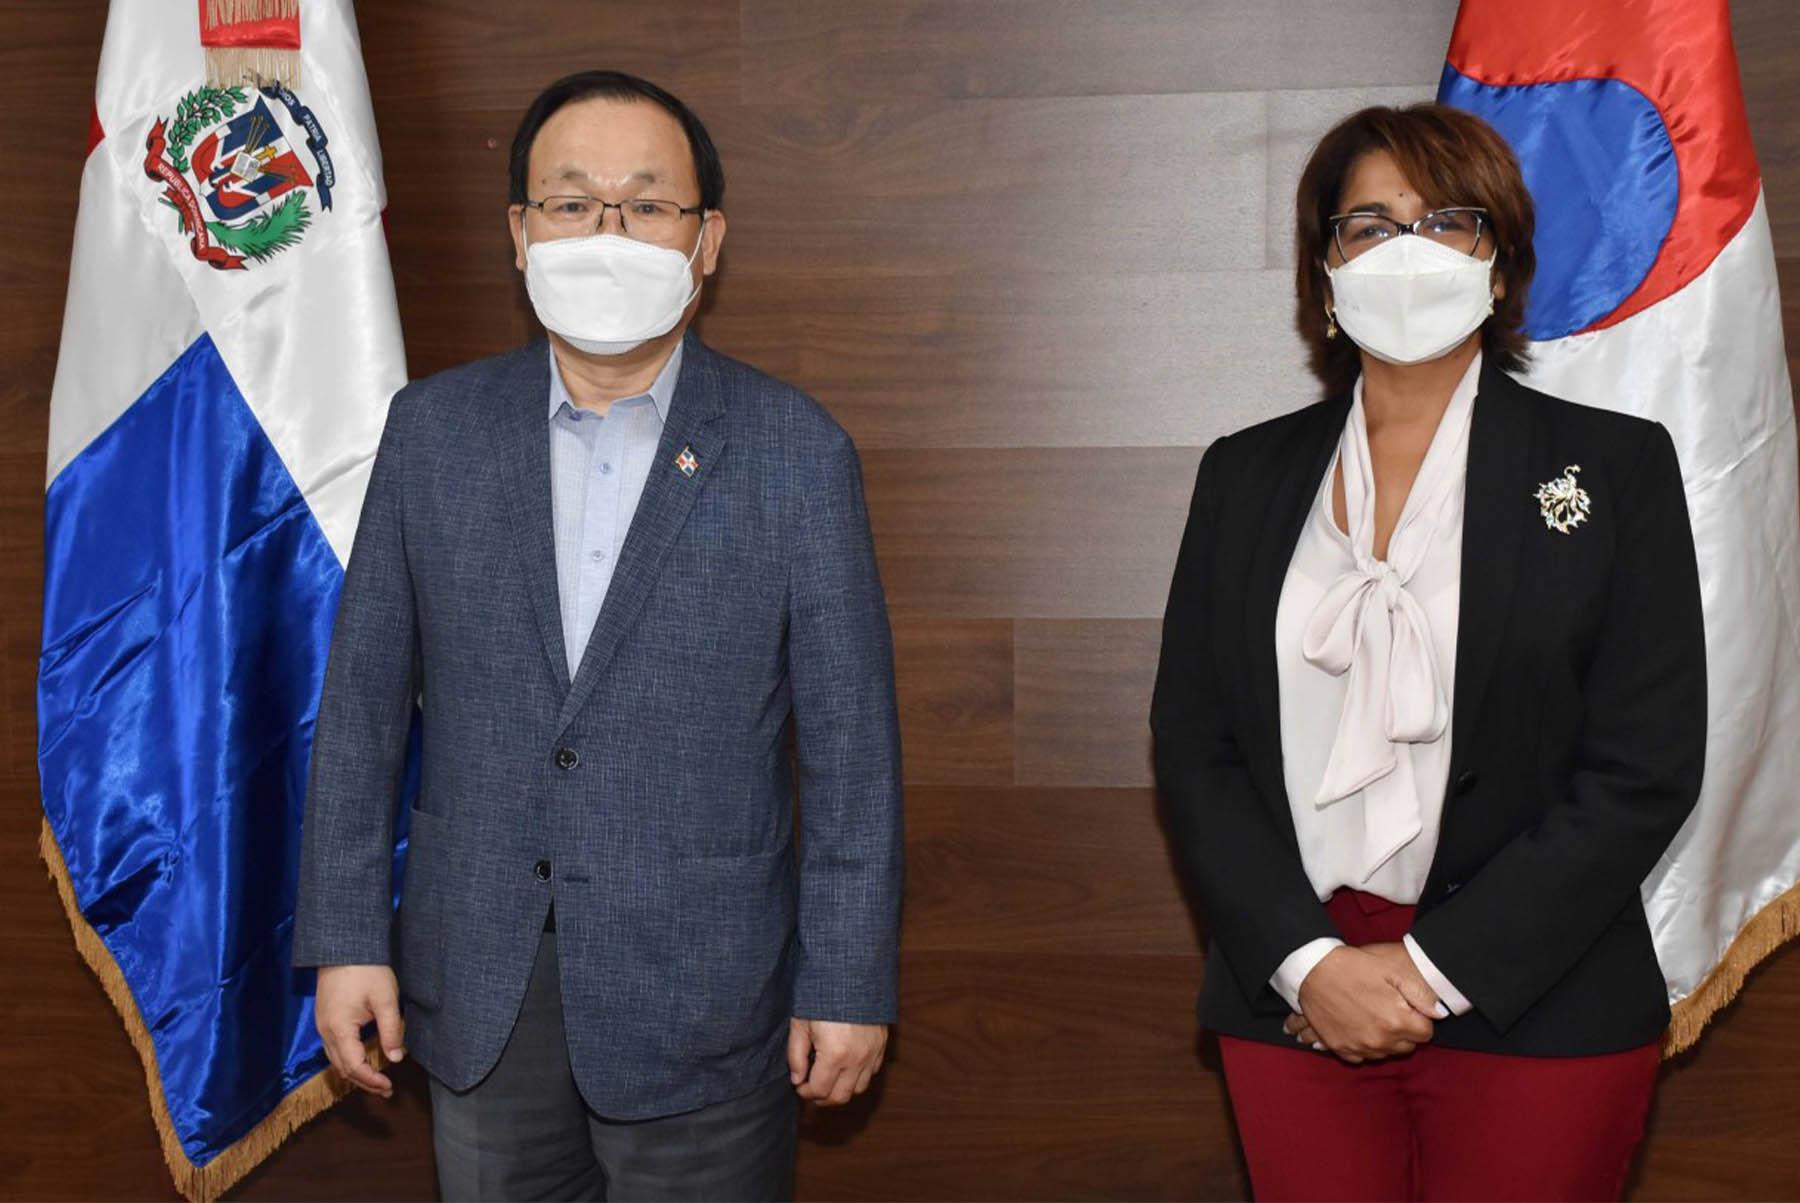 La viceministra de Cooperación Internacional del ministerio de Economía, Planificación y Desarrollo, Olaya Dotel, encabeza encuentro con misión Saemaul Undong y Saemaul Global-Corea.